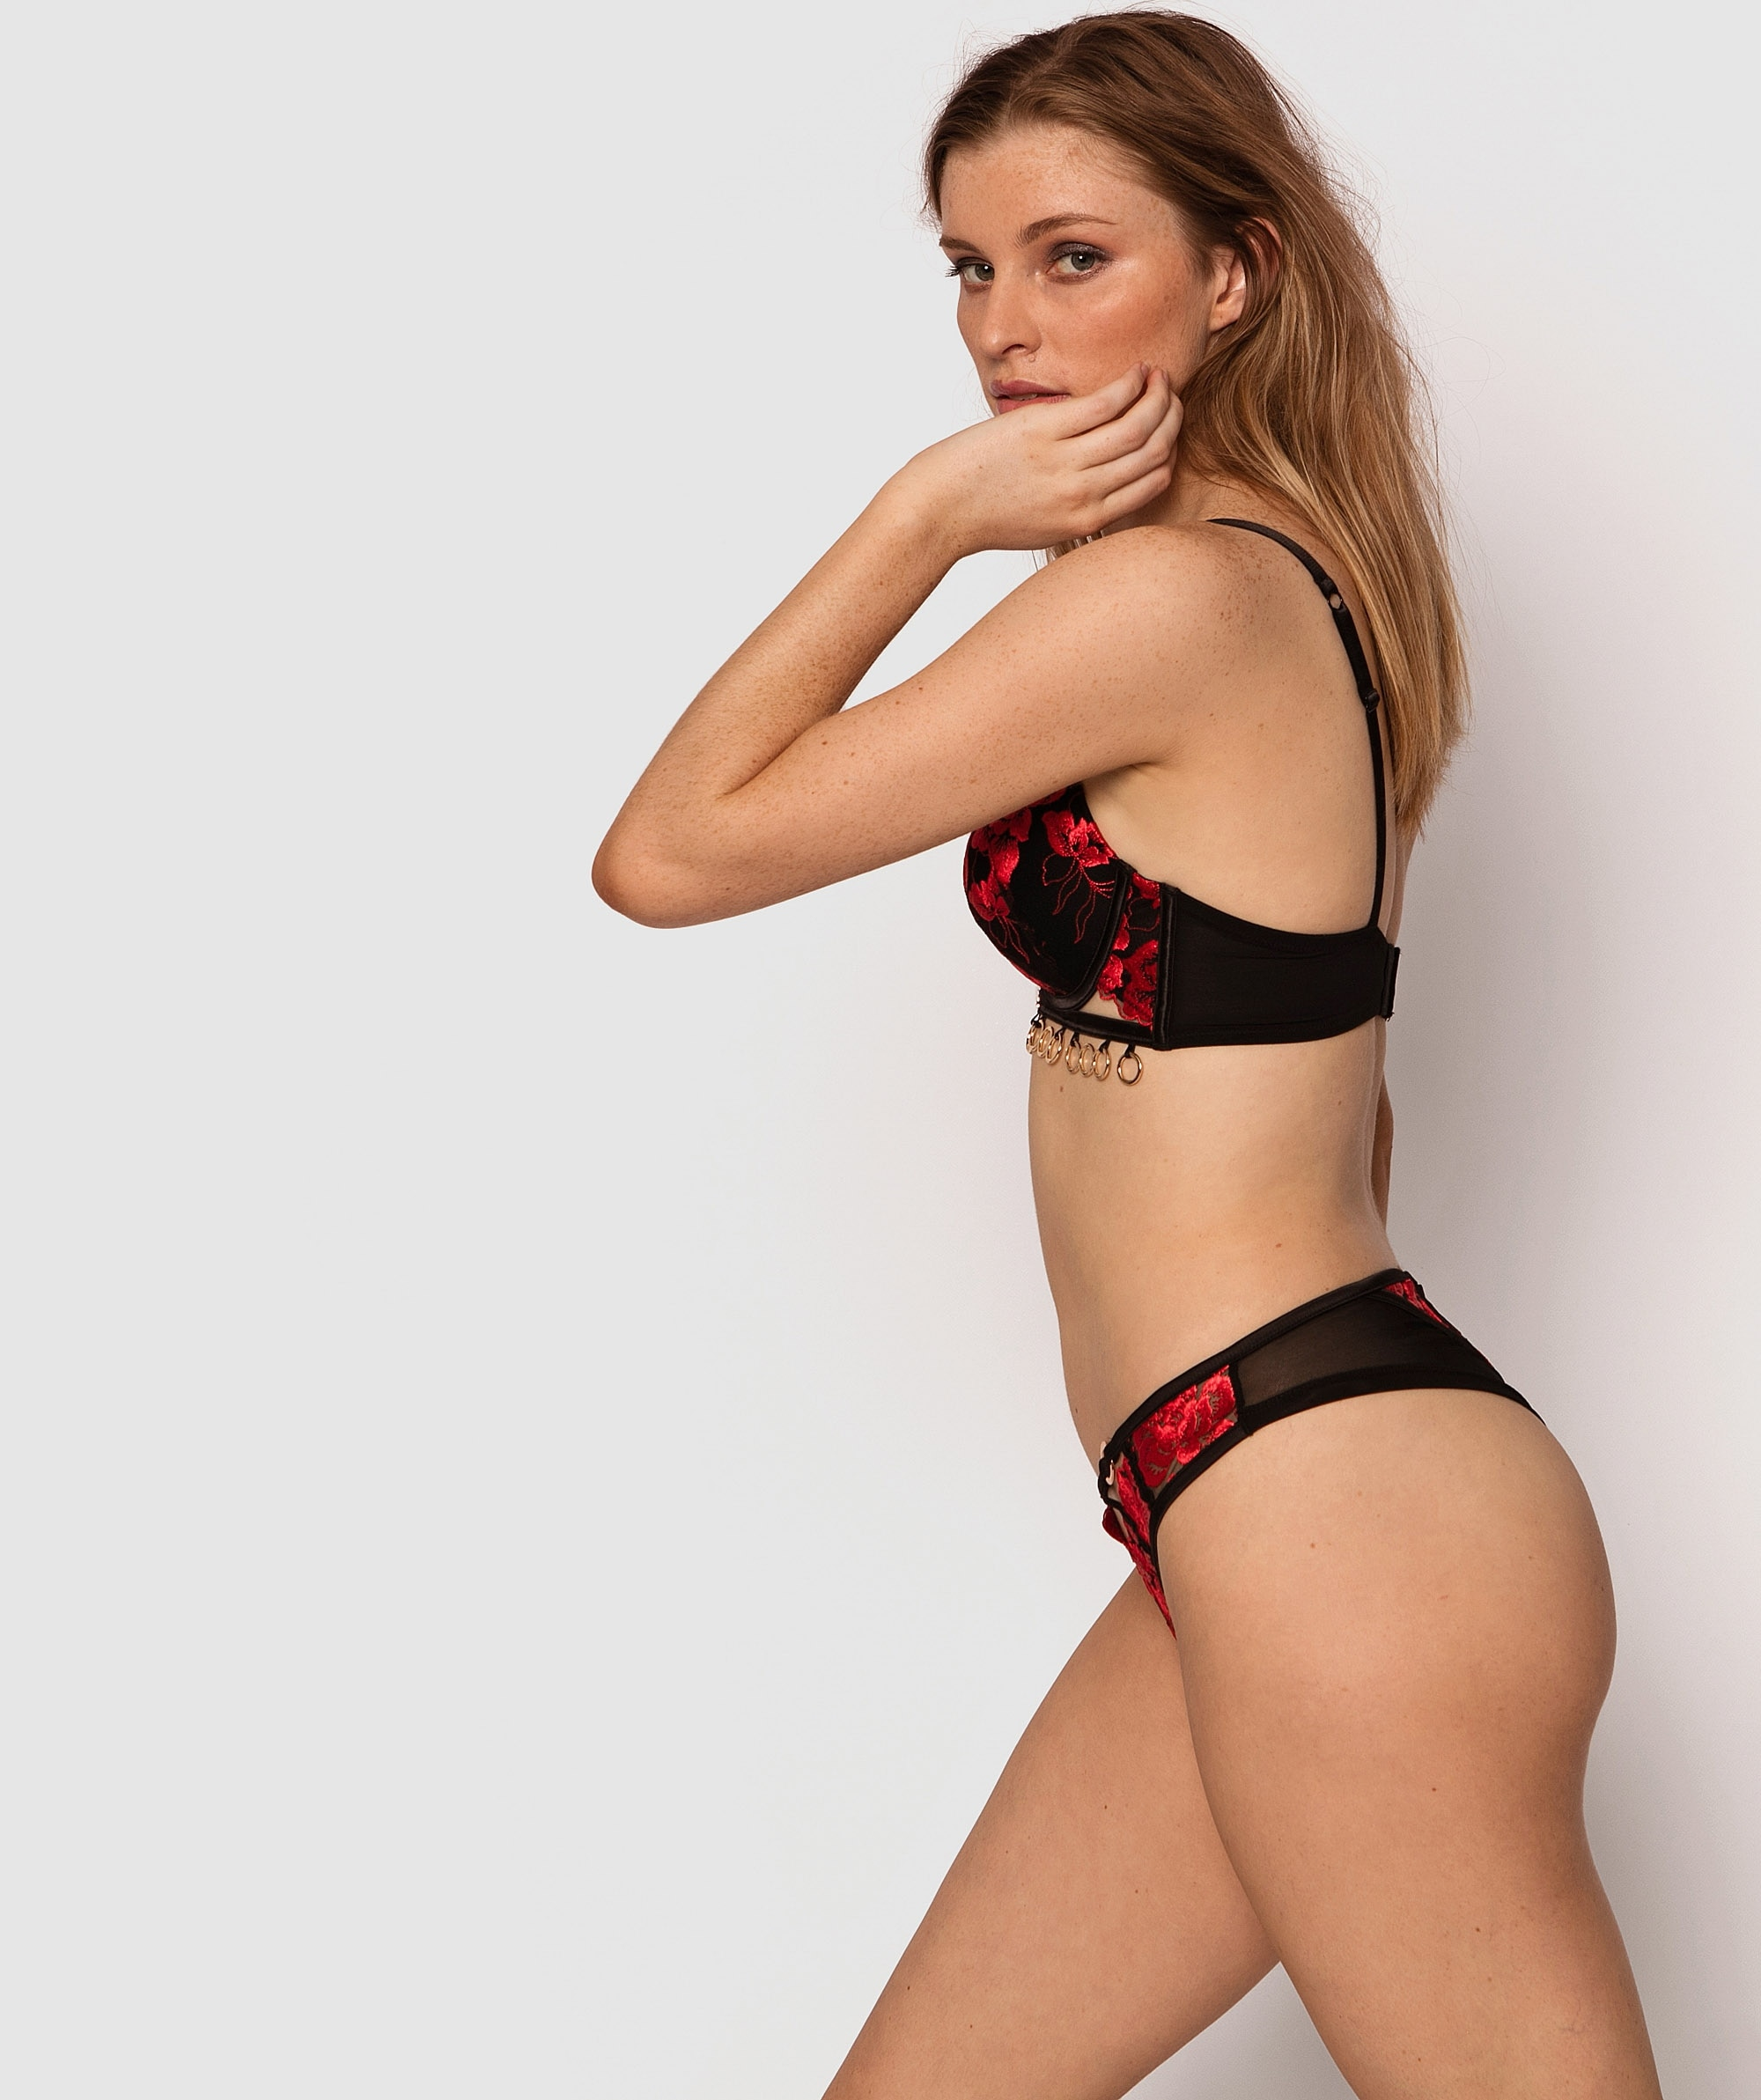 Vamp Treat Me Like Fire Brazilian Knicker - Black/Red